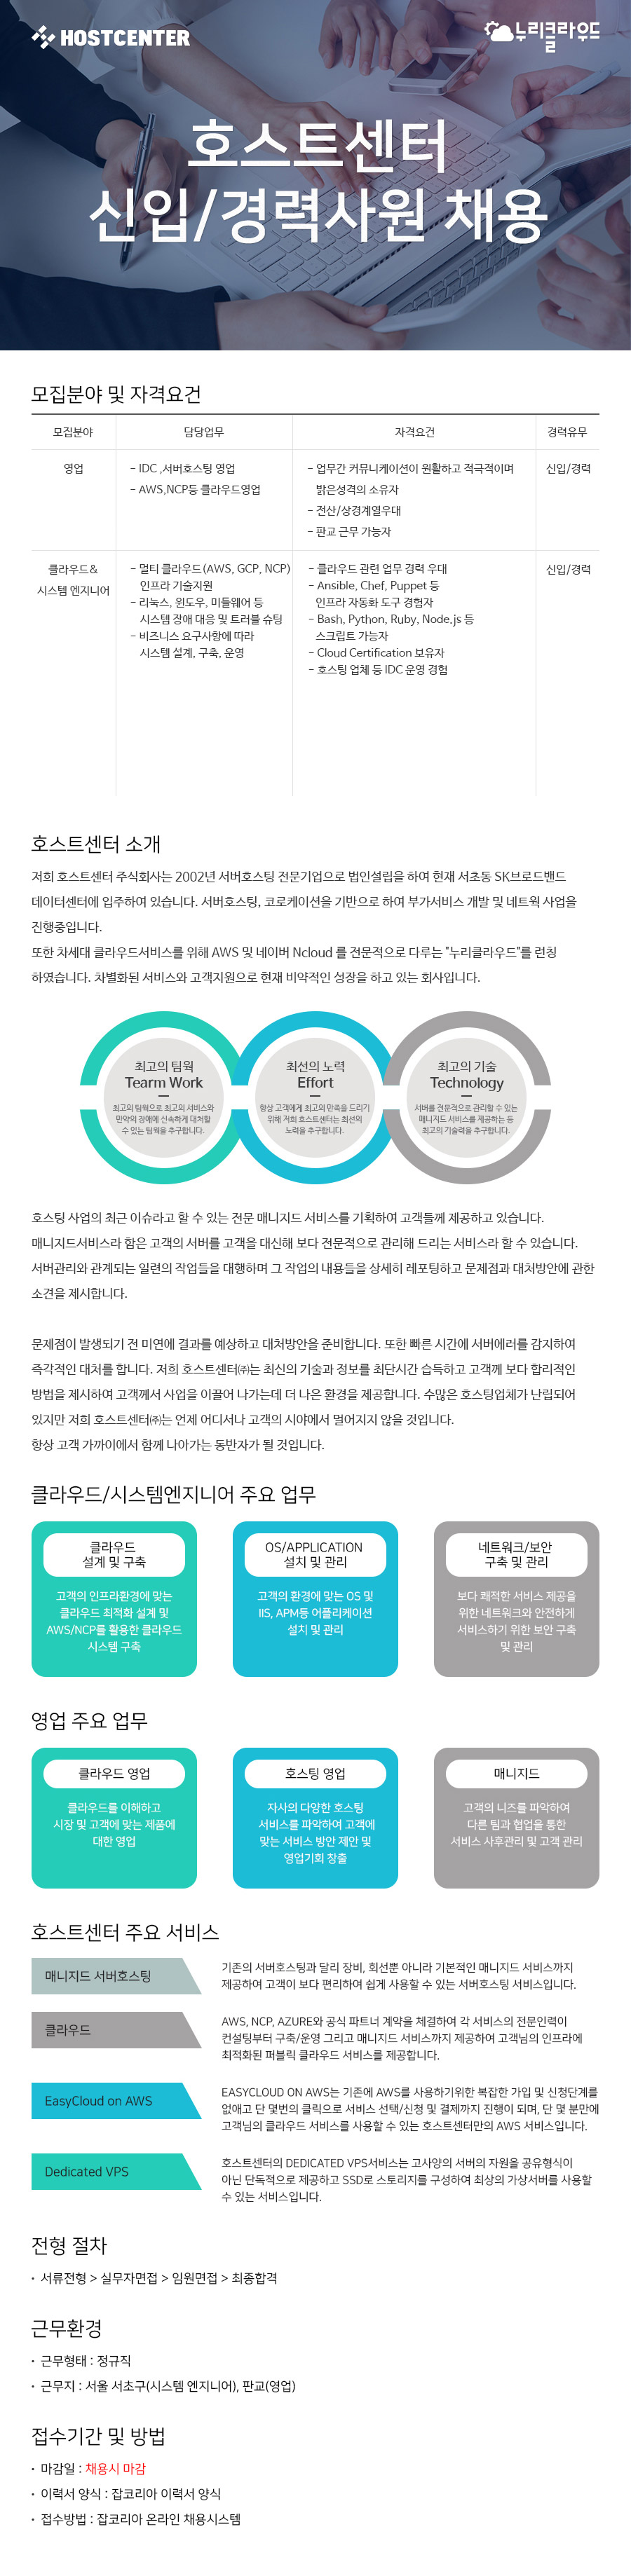 호스트센터 신입/경력사원 채용